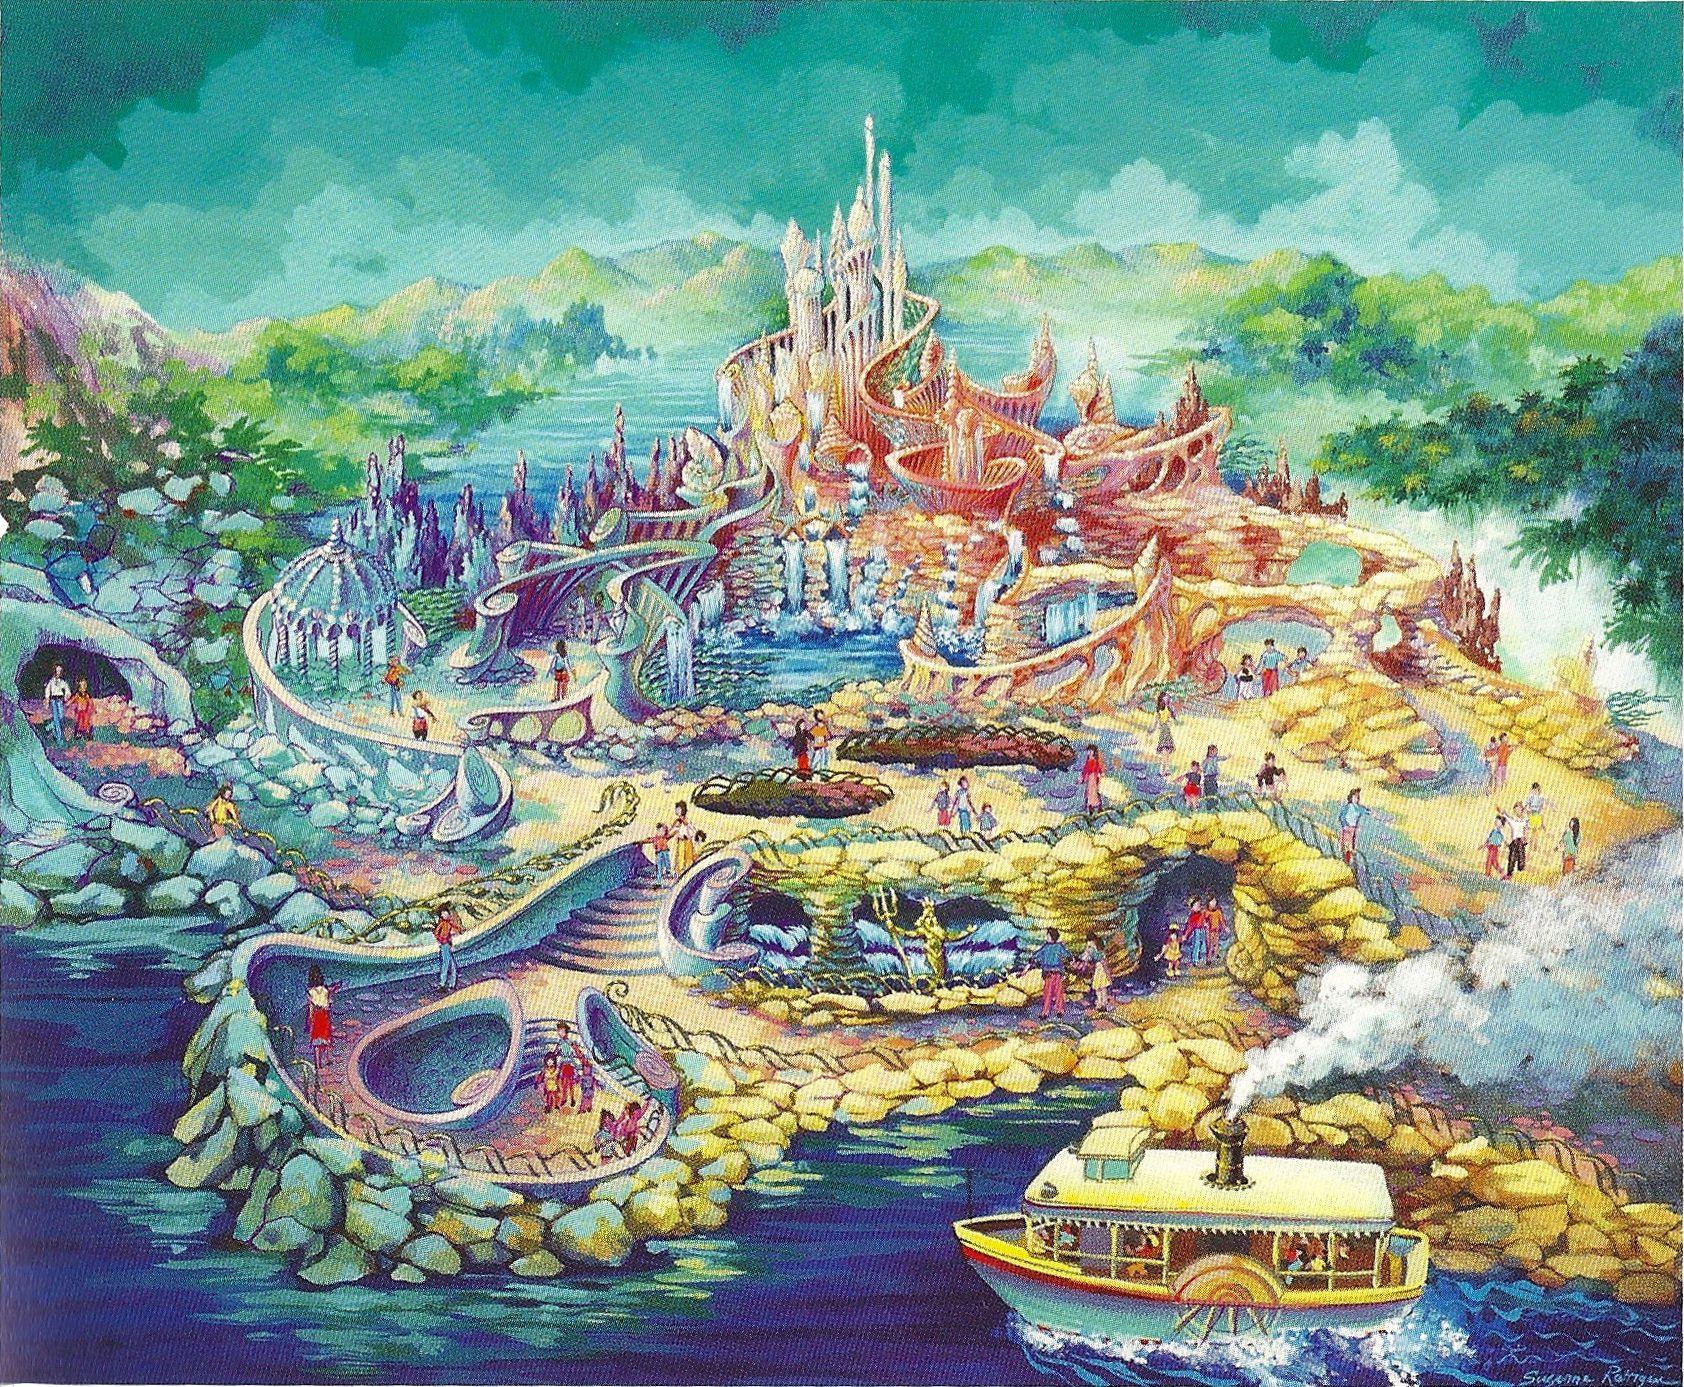 Explore o oceano mágico de Ariel no Mermaid Lgoon do Disney Tokyo Sea 8